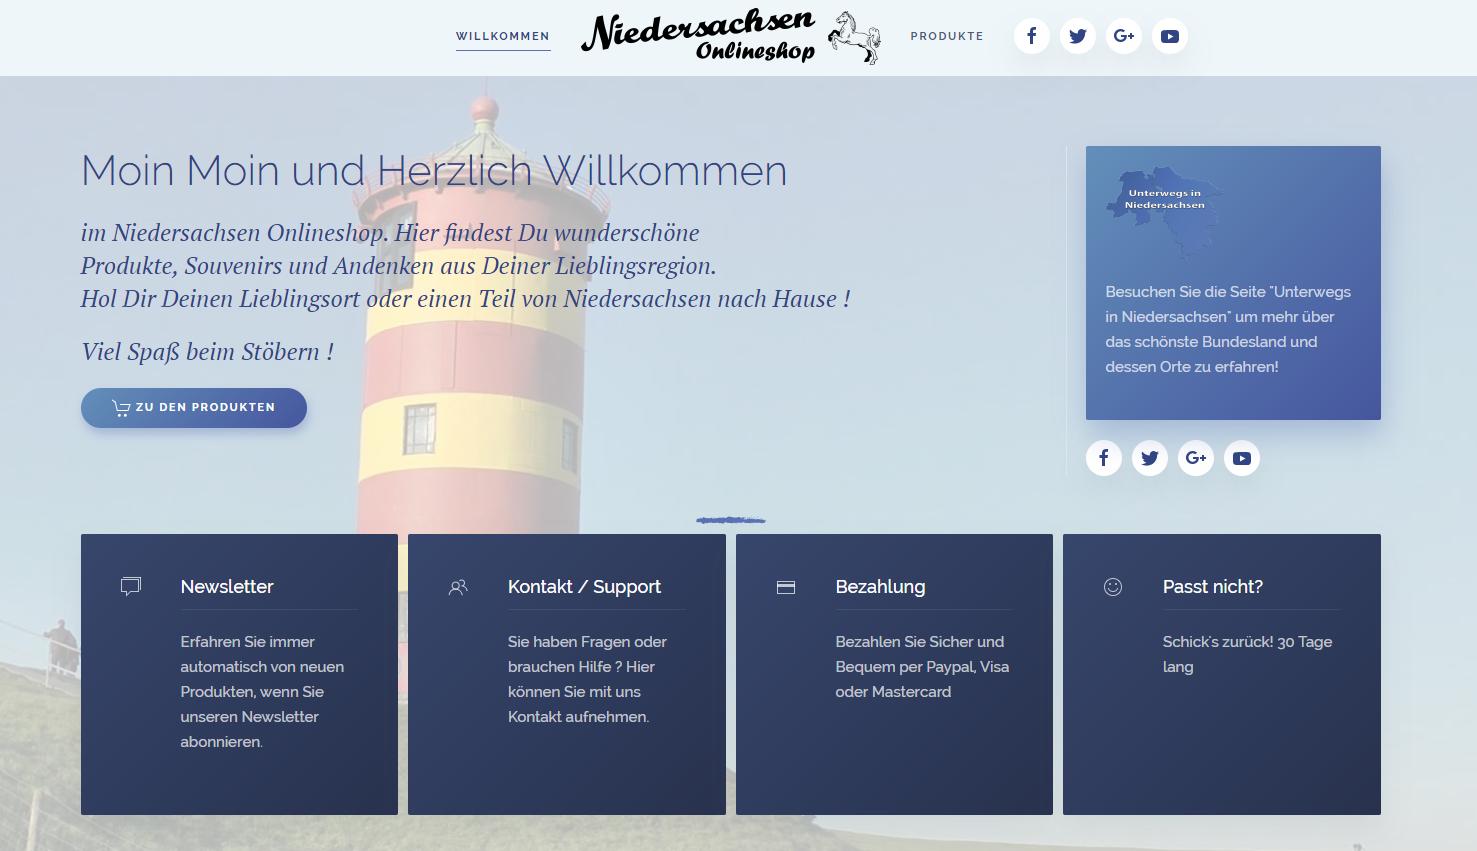 Niedersachsen Onlineshop im neuen Gewandt